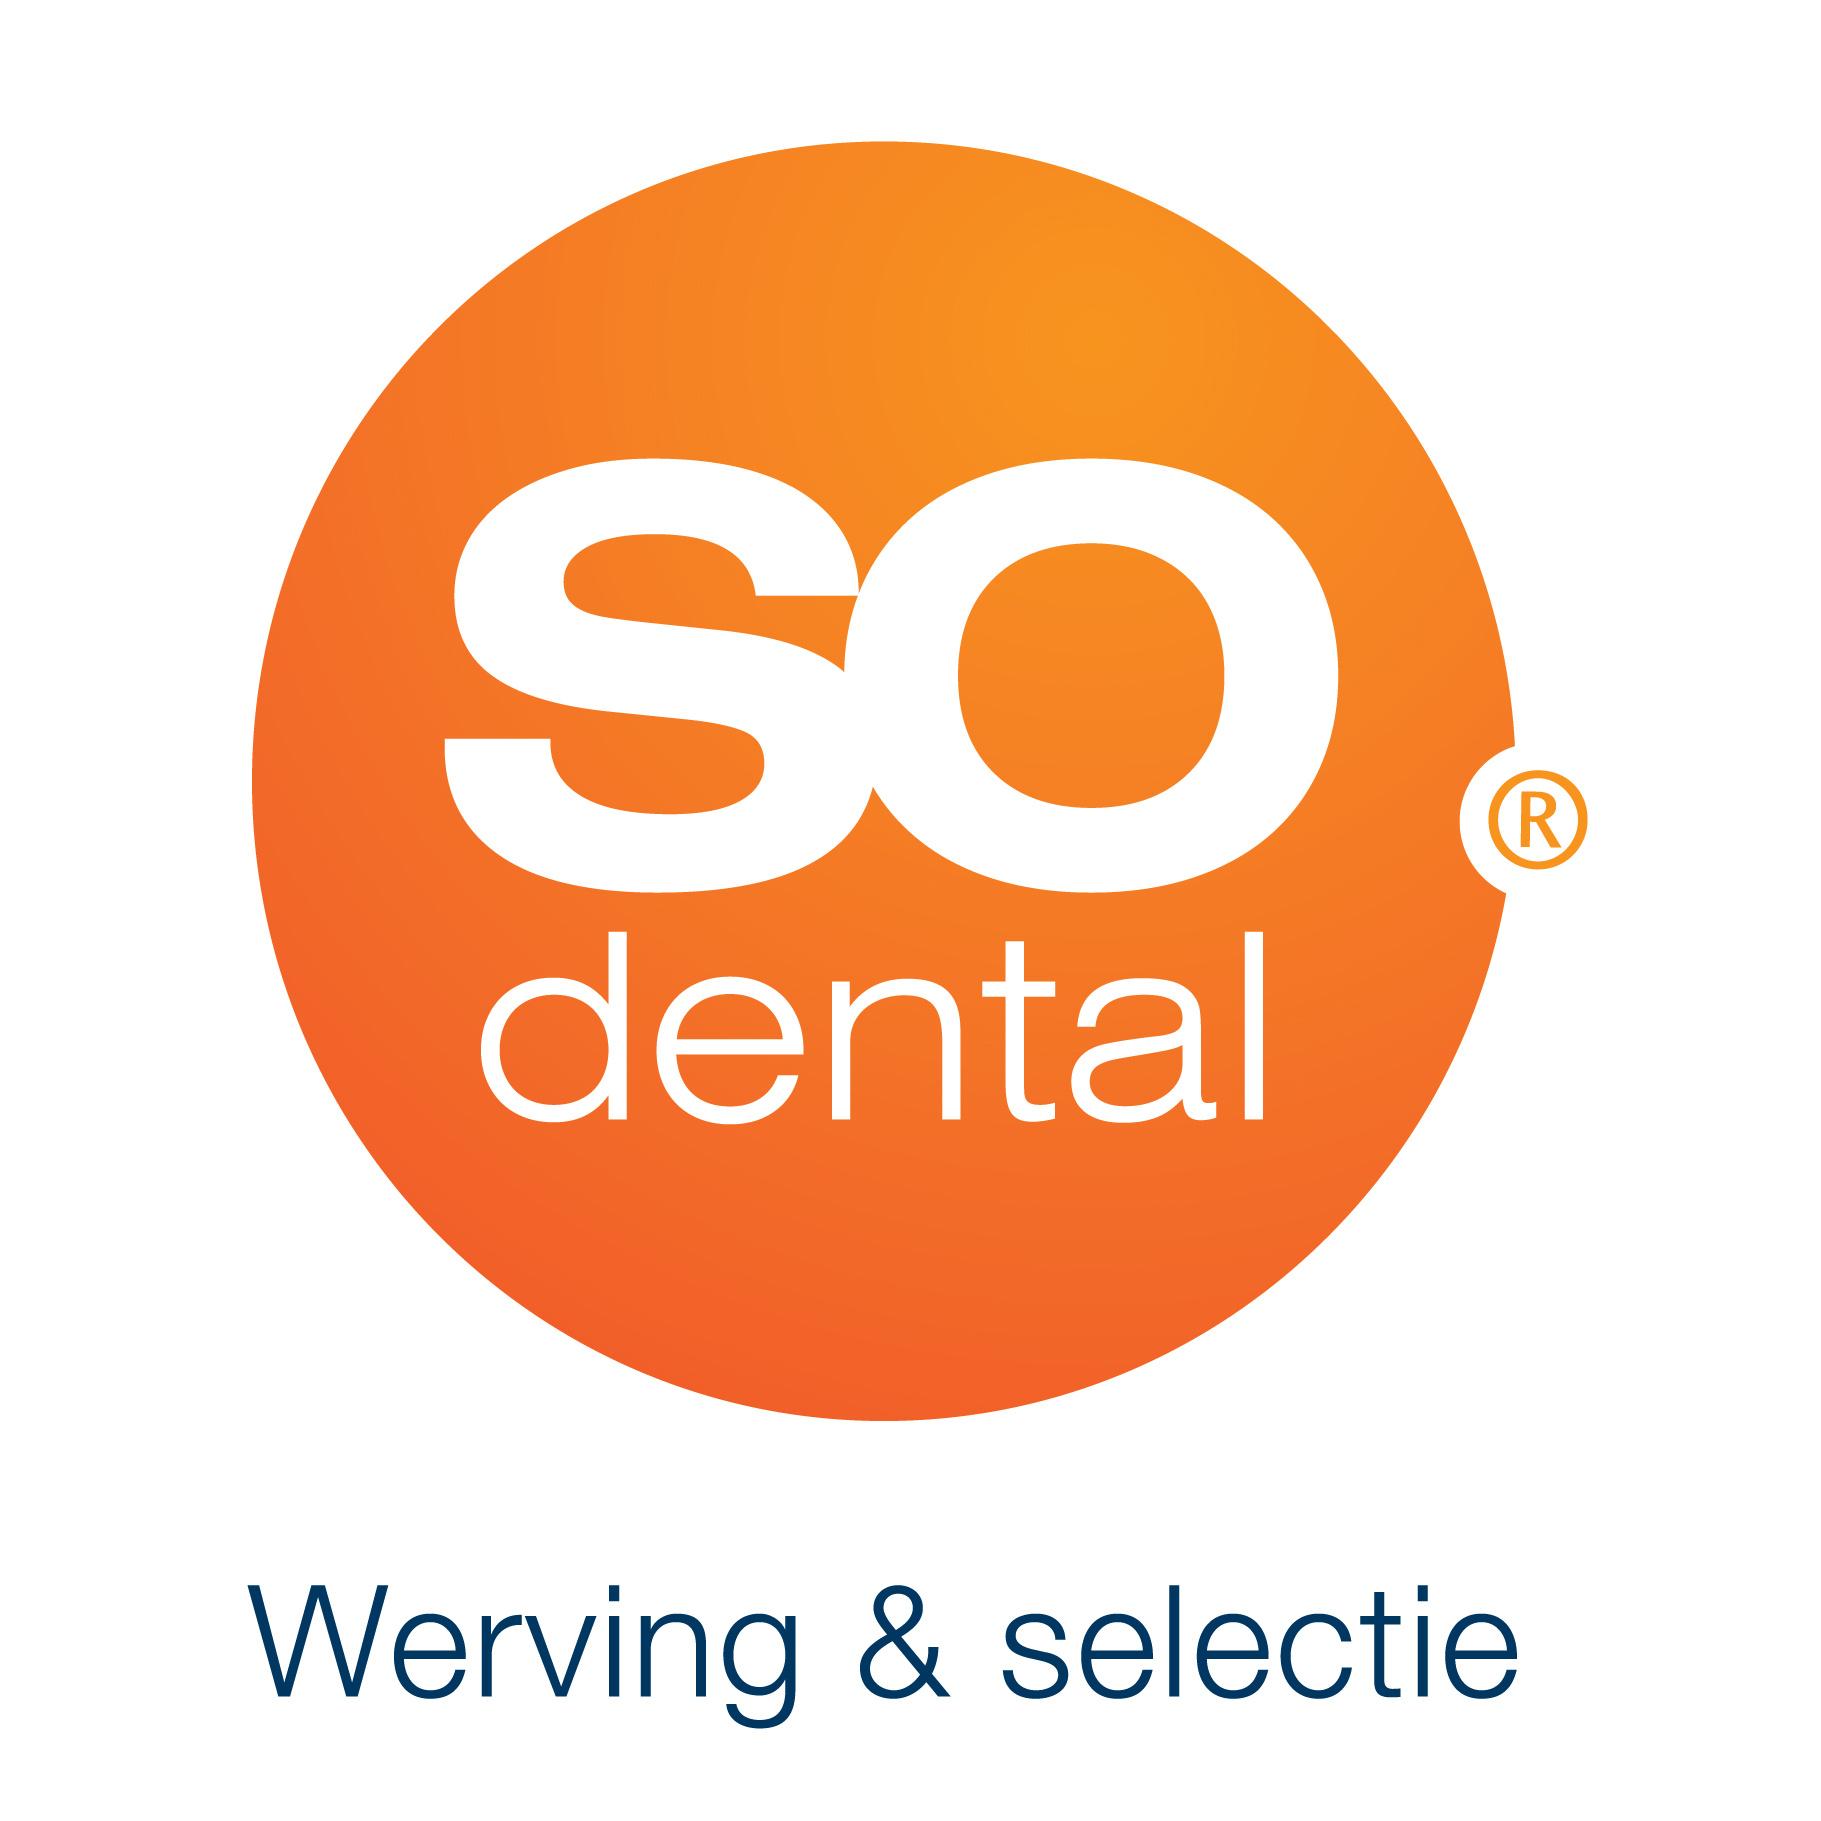 SOdental Vacature: Waarnemend tandartsassistent | Locatie Leiden